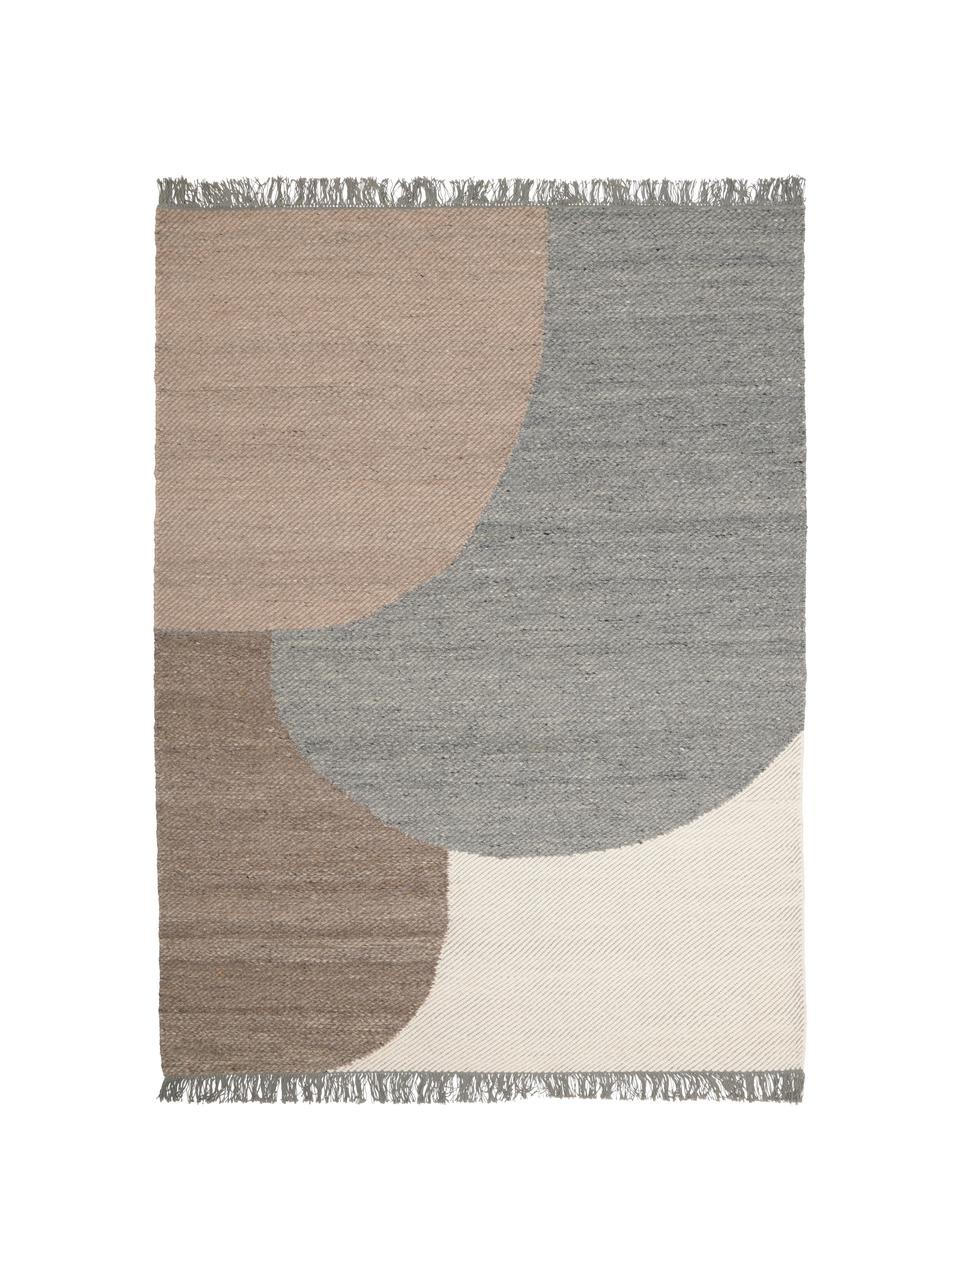 Tappeto in lana tessuto a mano con motivo geometrico Eik, Frange: 100% cotone Nel caso dei , Tonalità grigie e beige, Larg. 200 x Lung. 300 cm (taglia L)